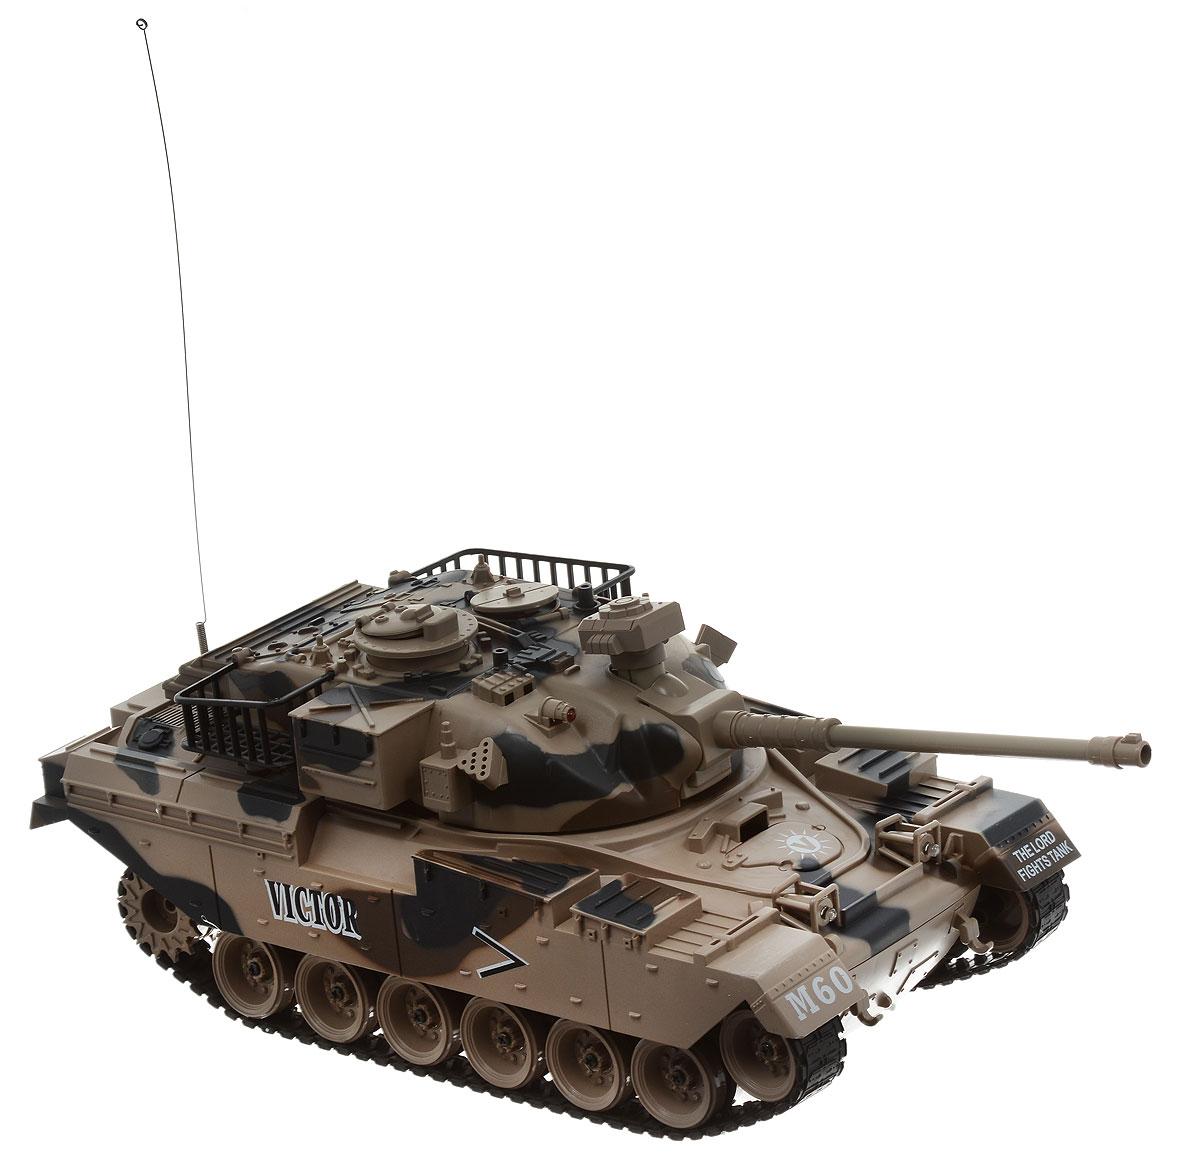 Pilotage Танк на радиоуправлении US M60 цвет камуфляжRC18394Модель американского танка M60 в масштабе 1/18 с пневматической пушкой выполнена с высочайшей степенью детализации. В этой модели сымитированы все детали, начиная от структуры литья брони и заканчивая отличительными знаками. Модель способна повторять все движения прототипа, вплоть до поворота башни на 320 градусов и изменения угла установки ствола главного орудия. Копия этого танка стреляет пластиковыми шариками типа ВВ (6 мм), выталкиваемыми сжатым воздухом на 12 метров с силой выстрела 0,02 Дж. При желании вы можете отключить функцию стрельбы шариками при помощи выключателя, который расположен под крышкой люка, и тогда во время выстрела будут работать только световые и звуковые эффекты. Танк имеет три скорости движения вперед: 8, 10 и 12 км/ч, а также функцию заднего хода. Имитация торсионной подвески поддерживающих катков позволяет модели преодолевать неровности ландшафта и взбираться на подъемы крутизной до 45 градусов. Эта модель создана для настоящих ценителей...